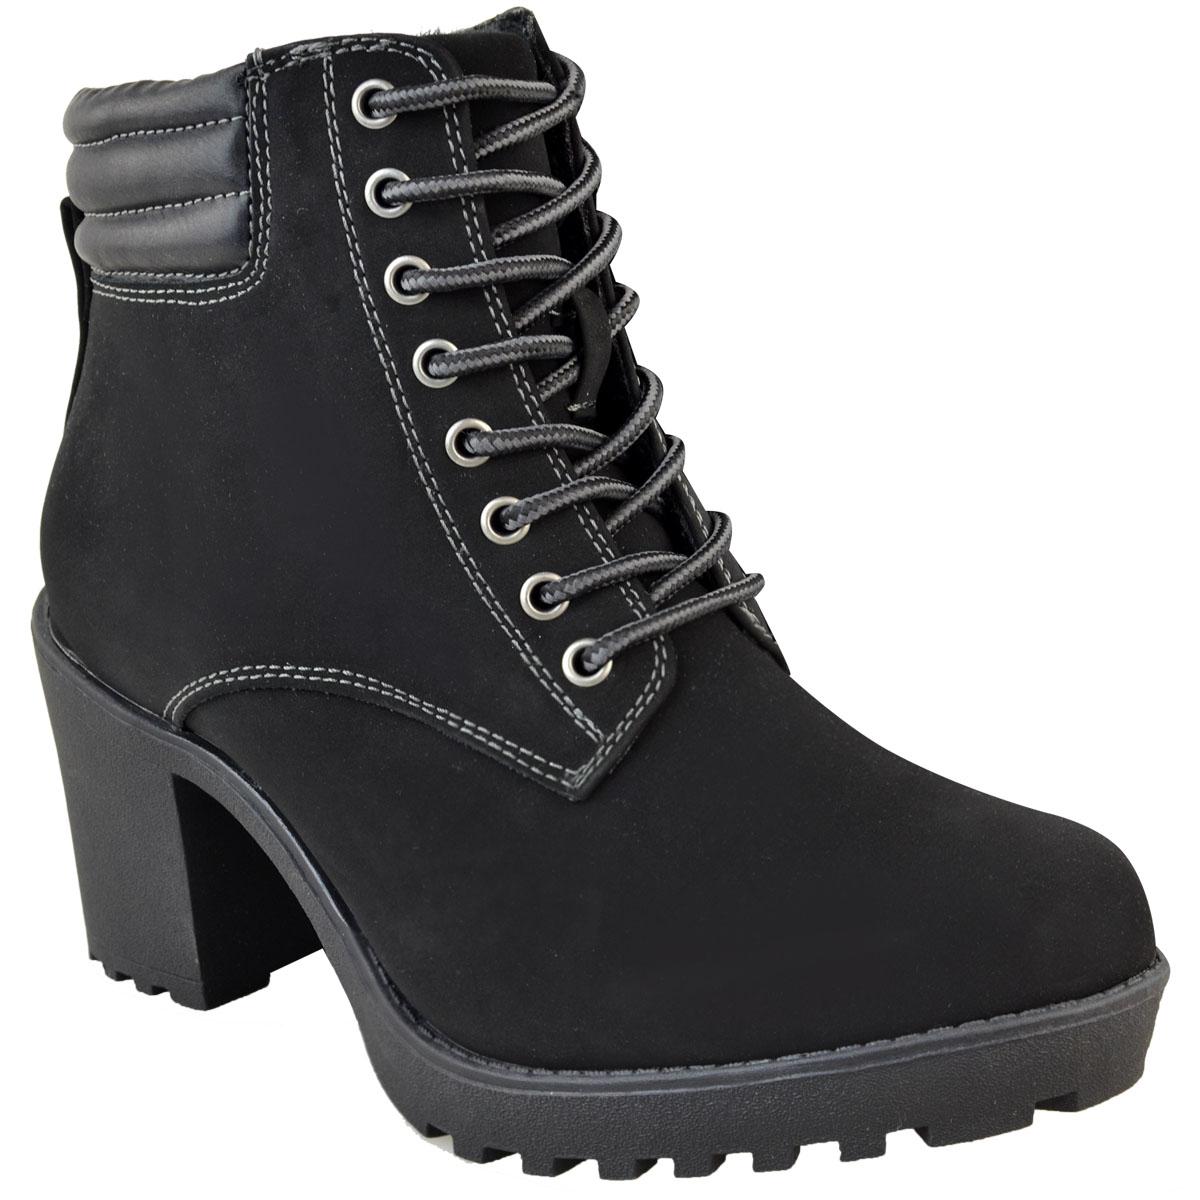 Womens-Ladies-Winter-Walking-Boots-Fleece-Warm-Lining-Cosy-Low-Block-Heel-Size Indexbild 13